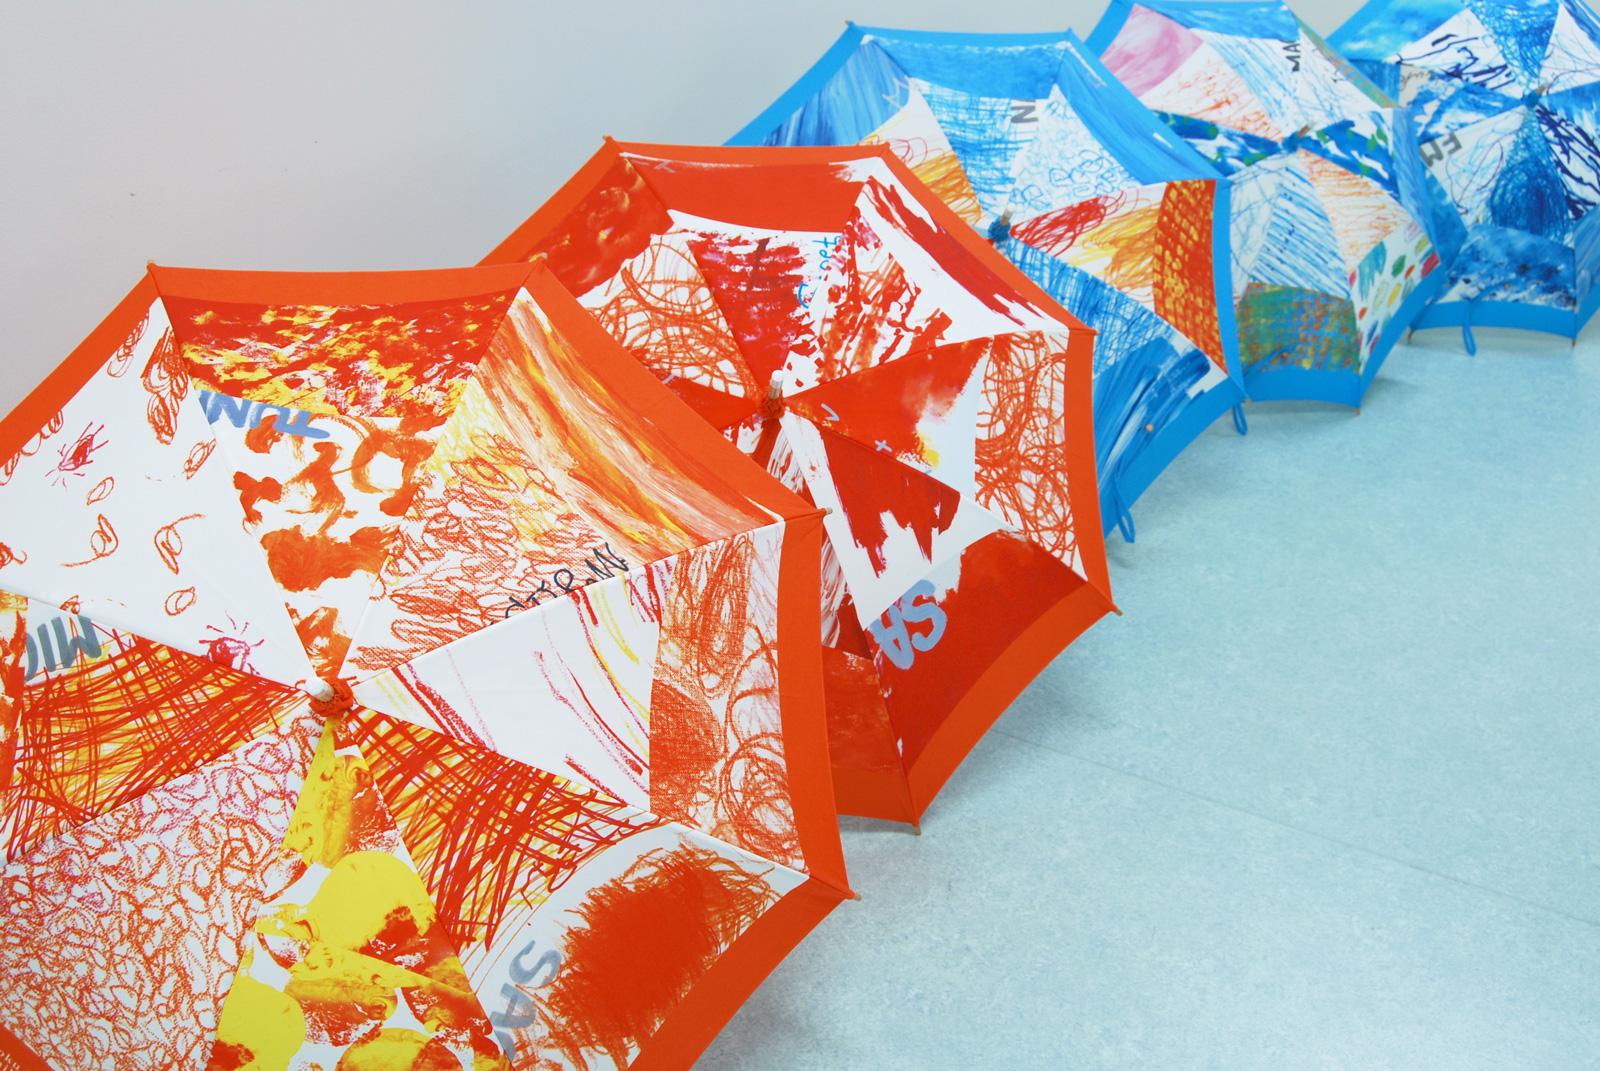 ホスピタルアート 四国こどもとおとなの医療センター 「いろんな空色パラソル」